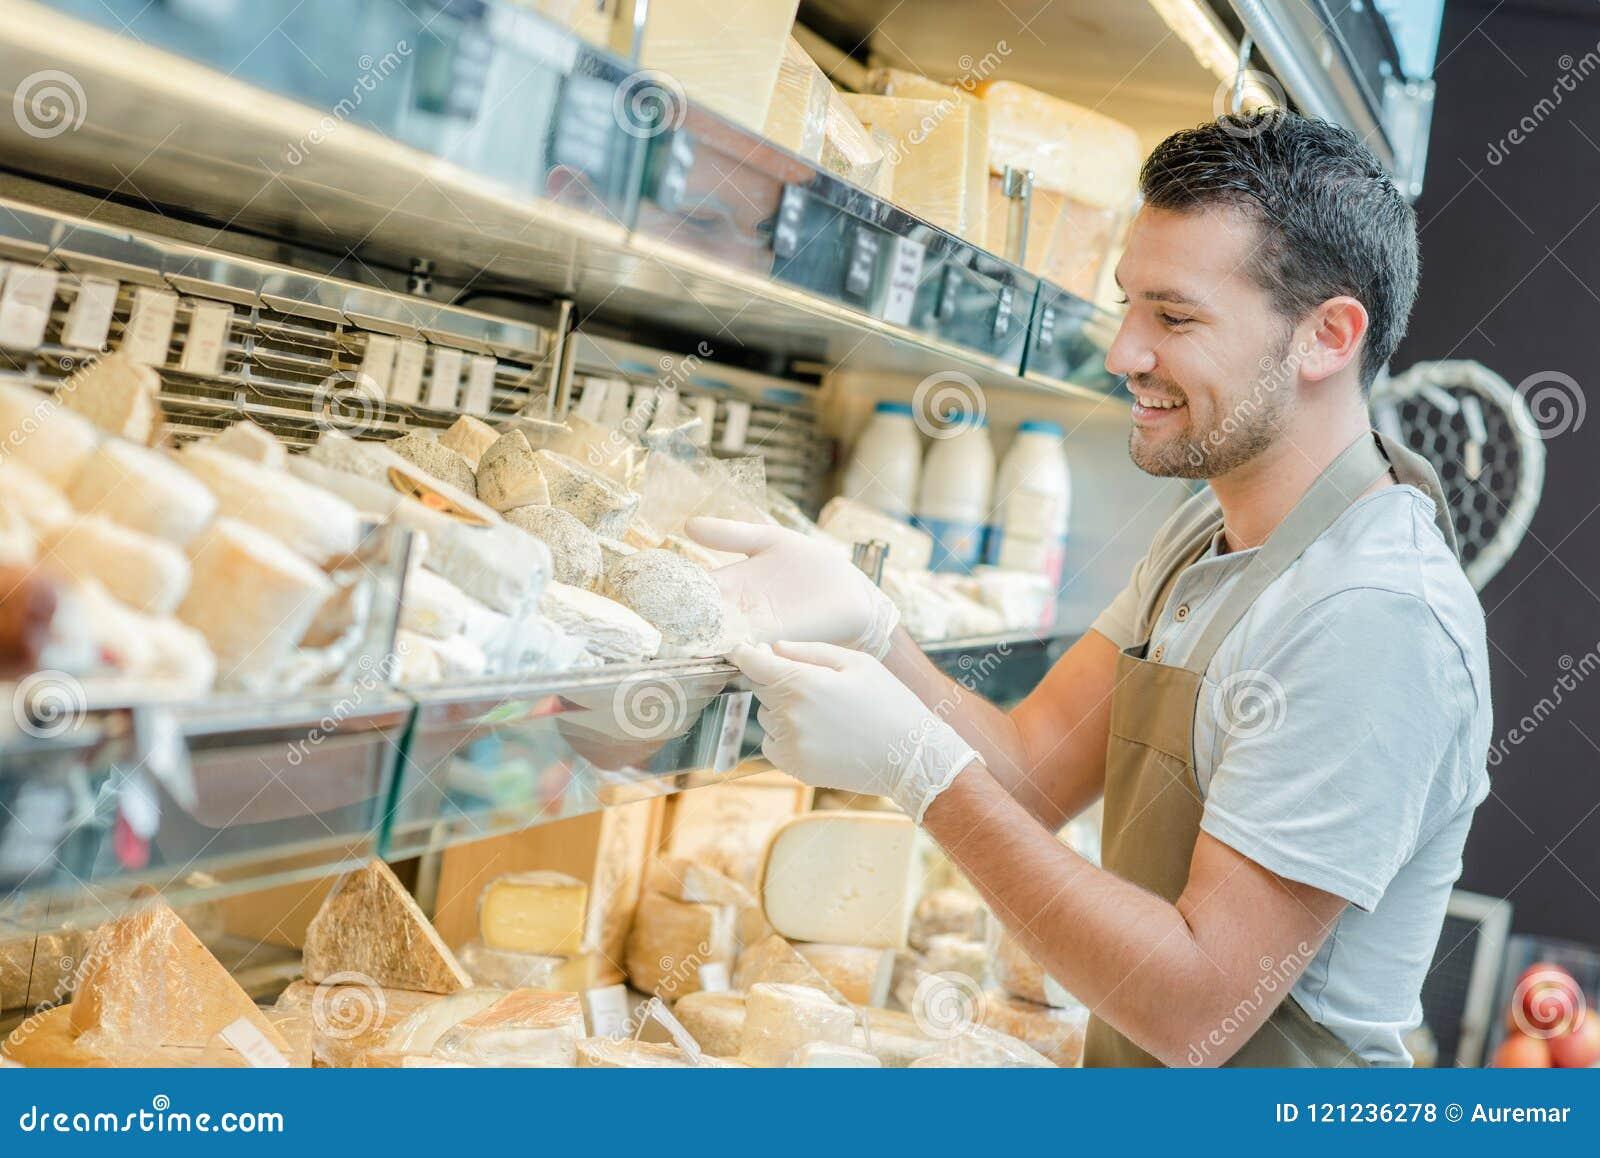 Réfrigérateur complètement de fromage